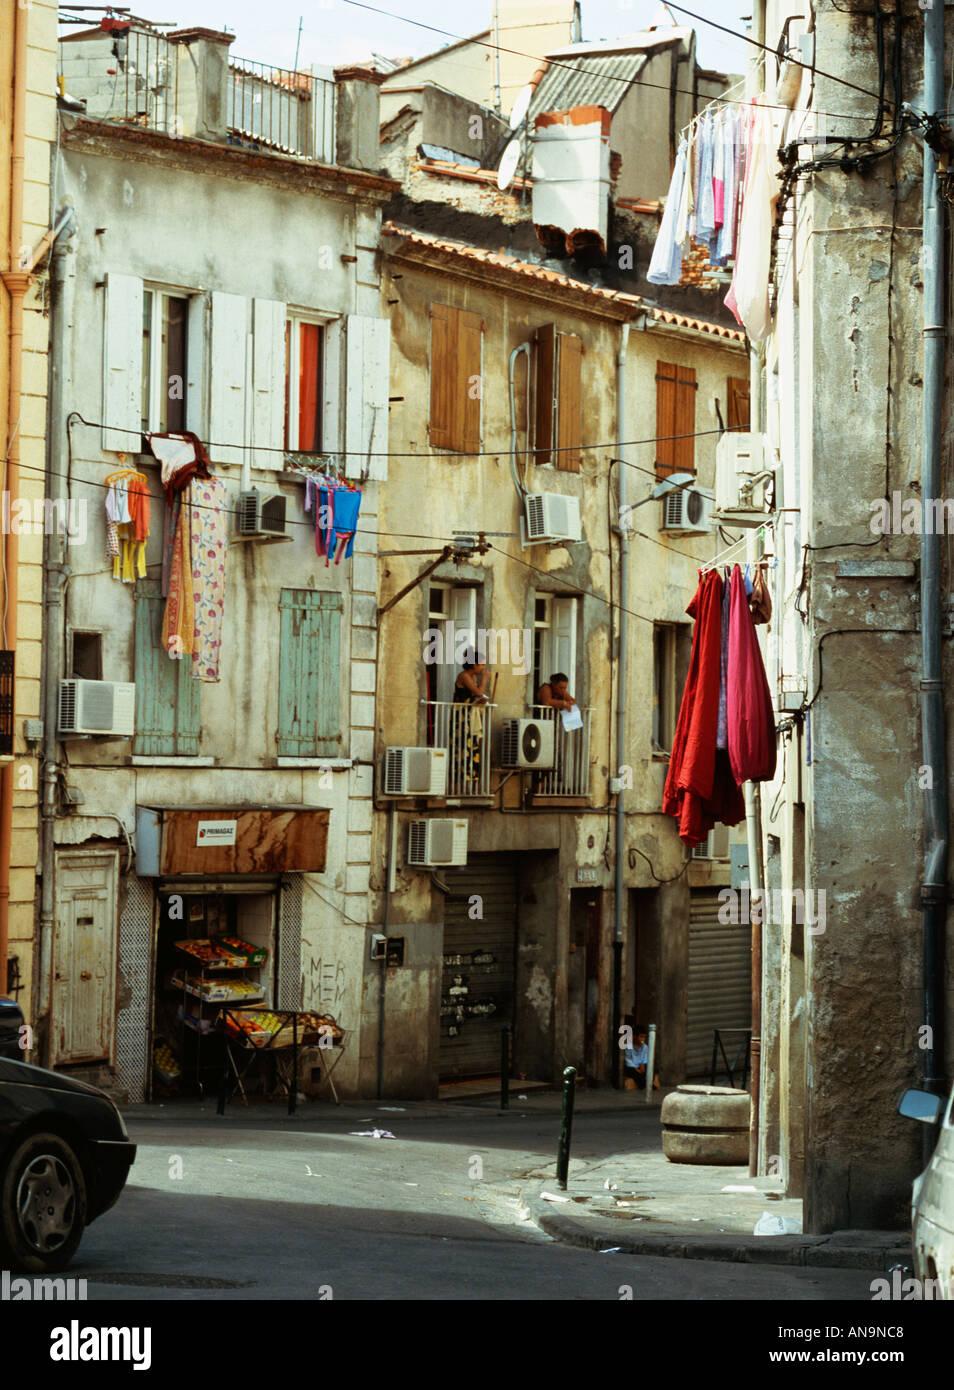 Rue étroite dans le quartier gitan et tzigane arabe Perpignan France Photo Stock